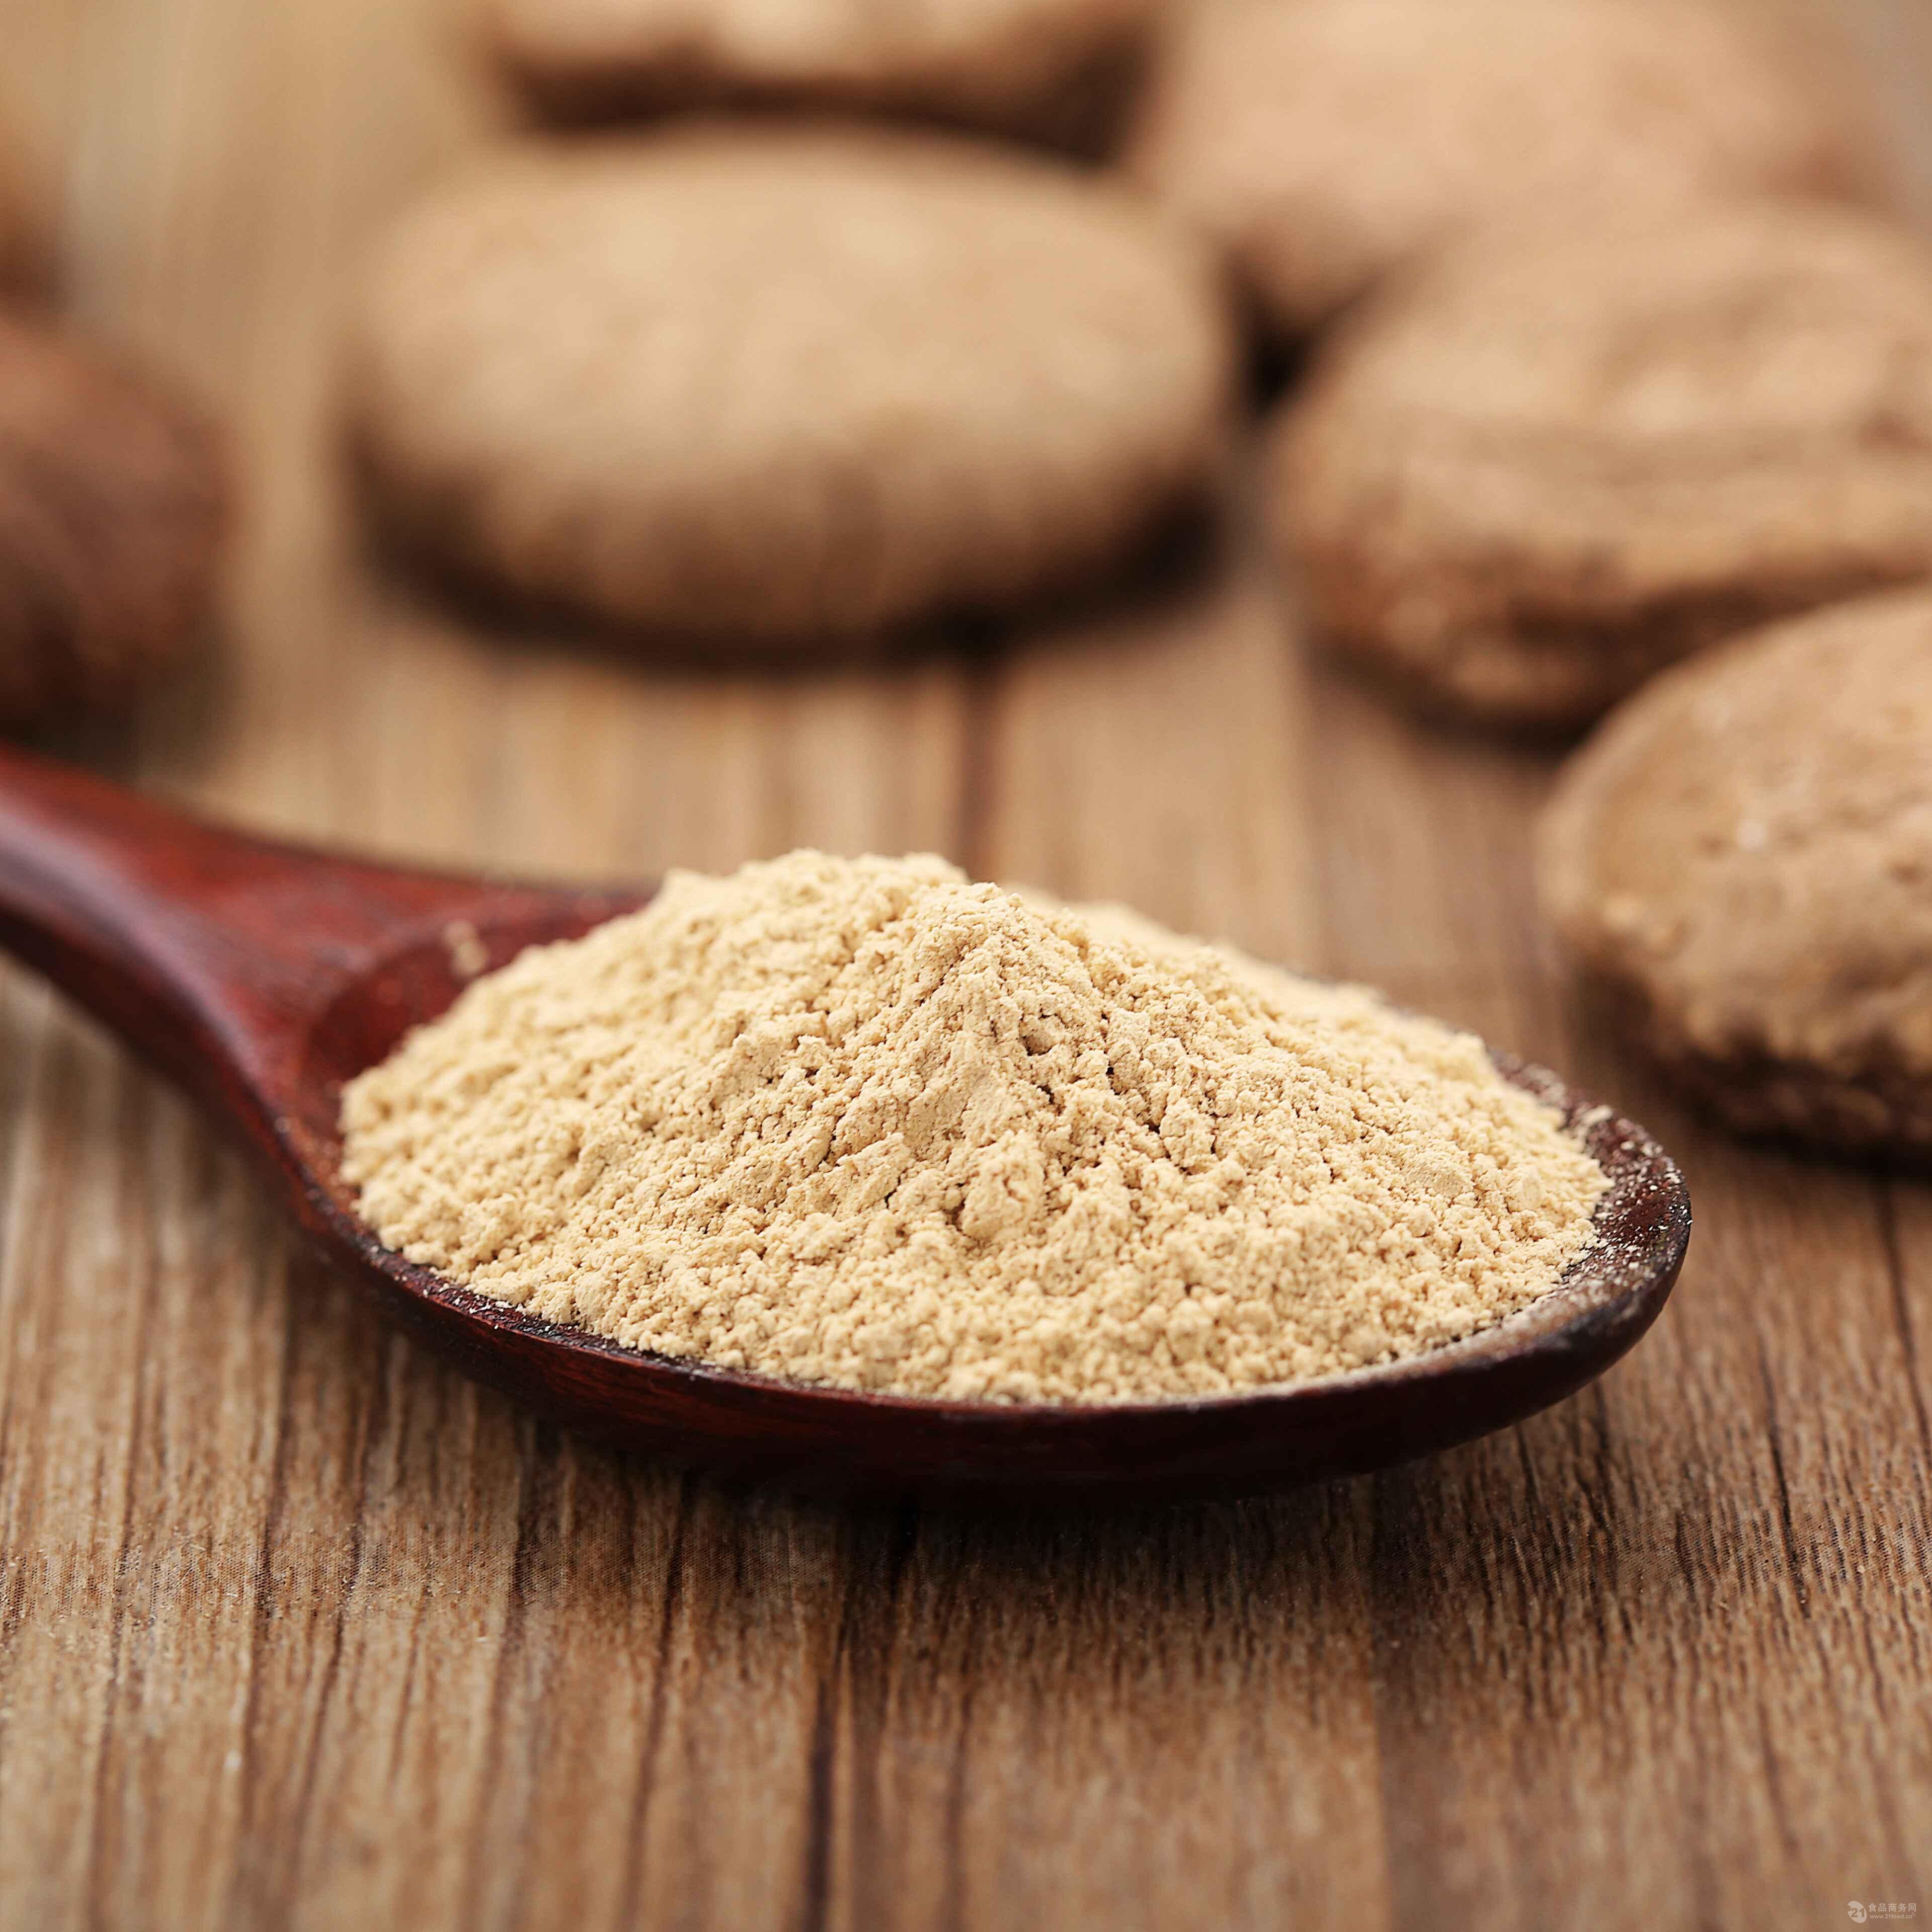 香菇粉 100目-120目 20KG/箱 无添加剂 量大可优惠